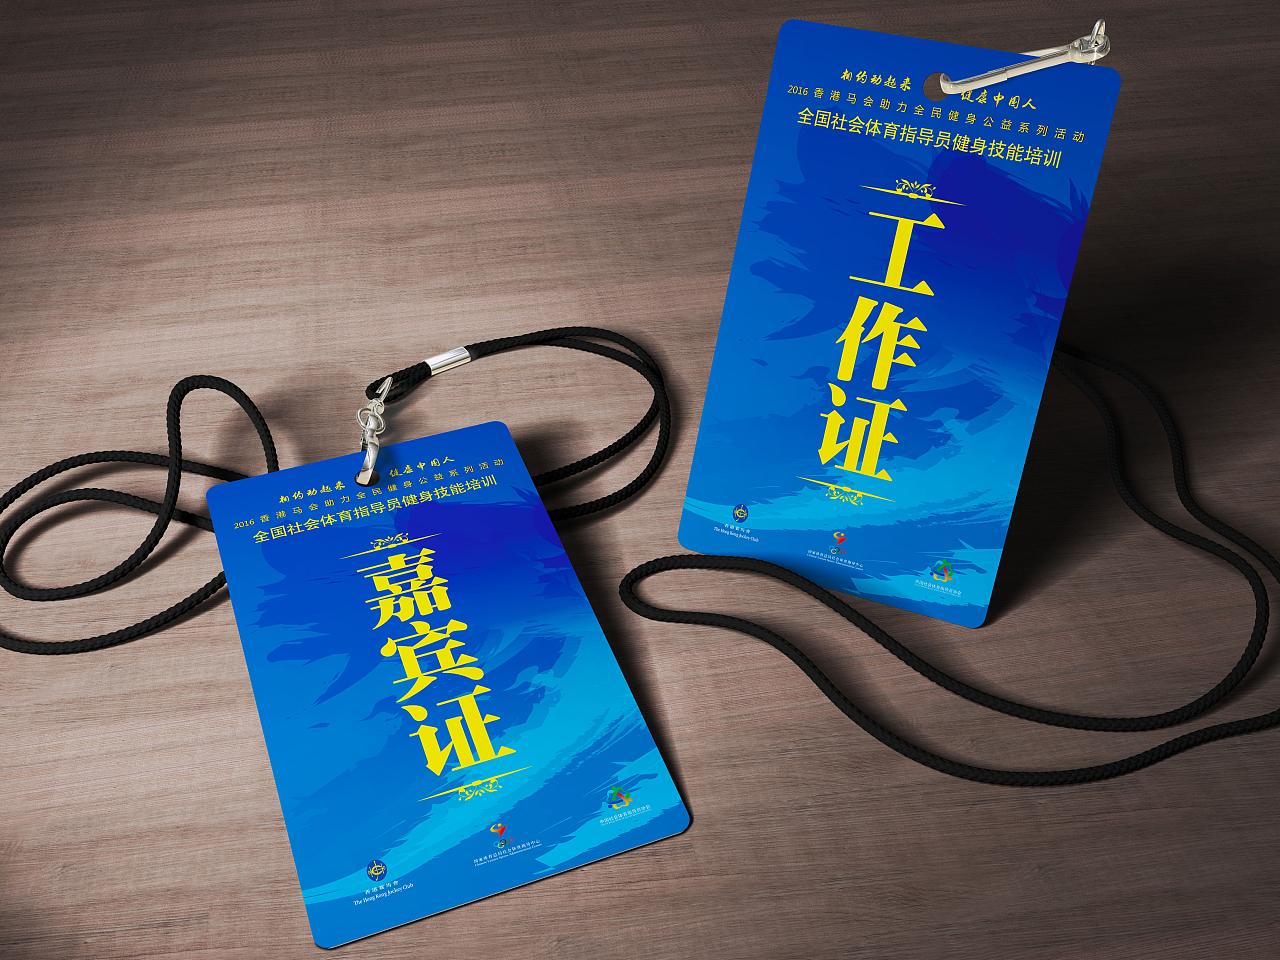 香港马会助力全民健身公益系列活动-大型活动-布展